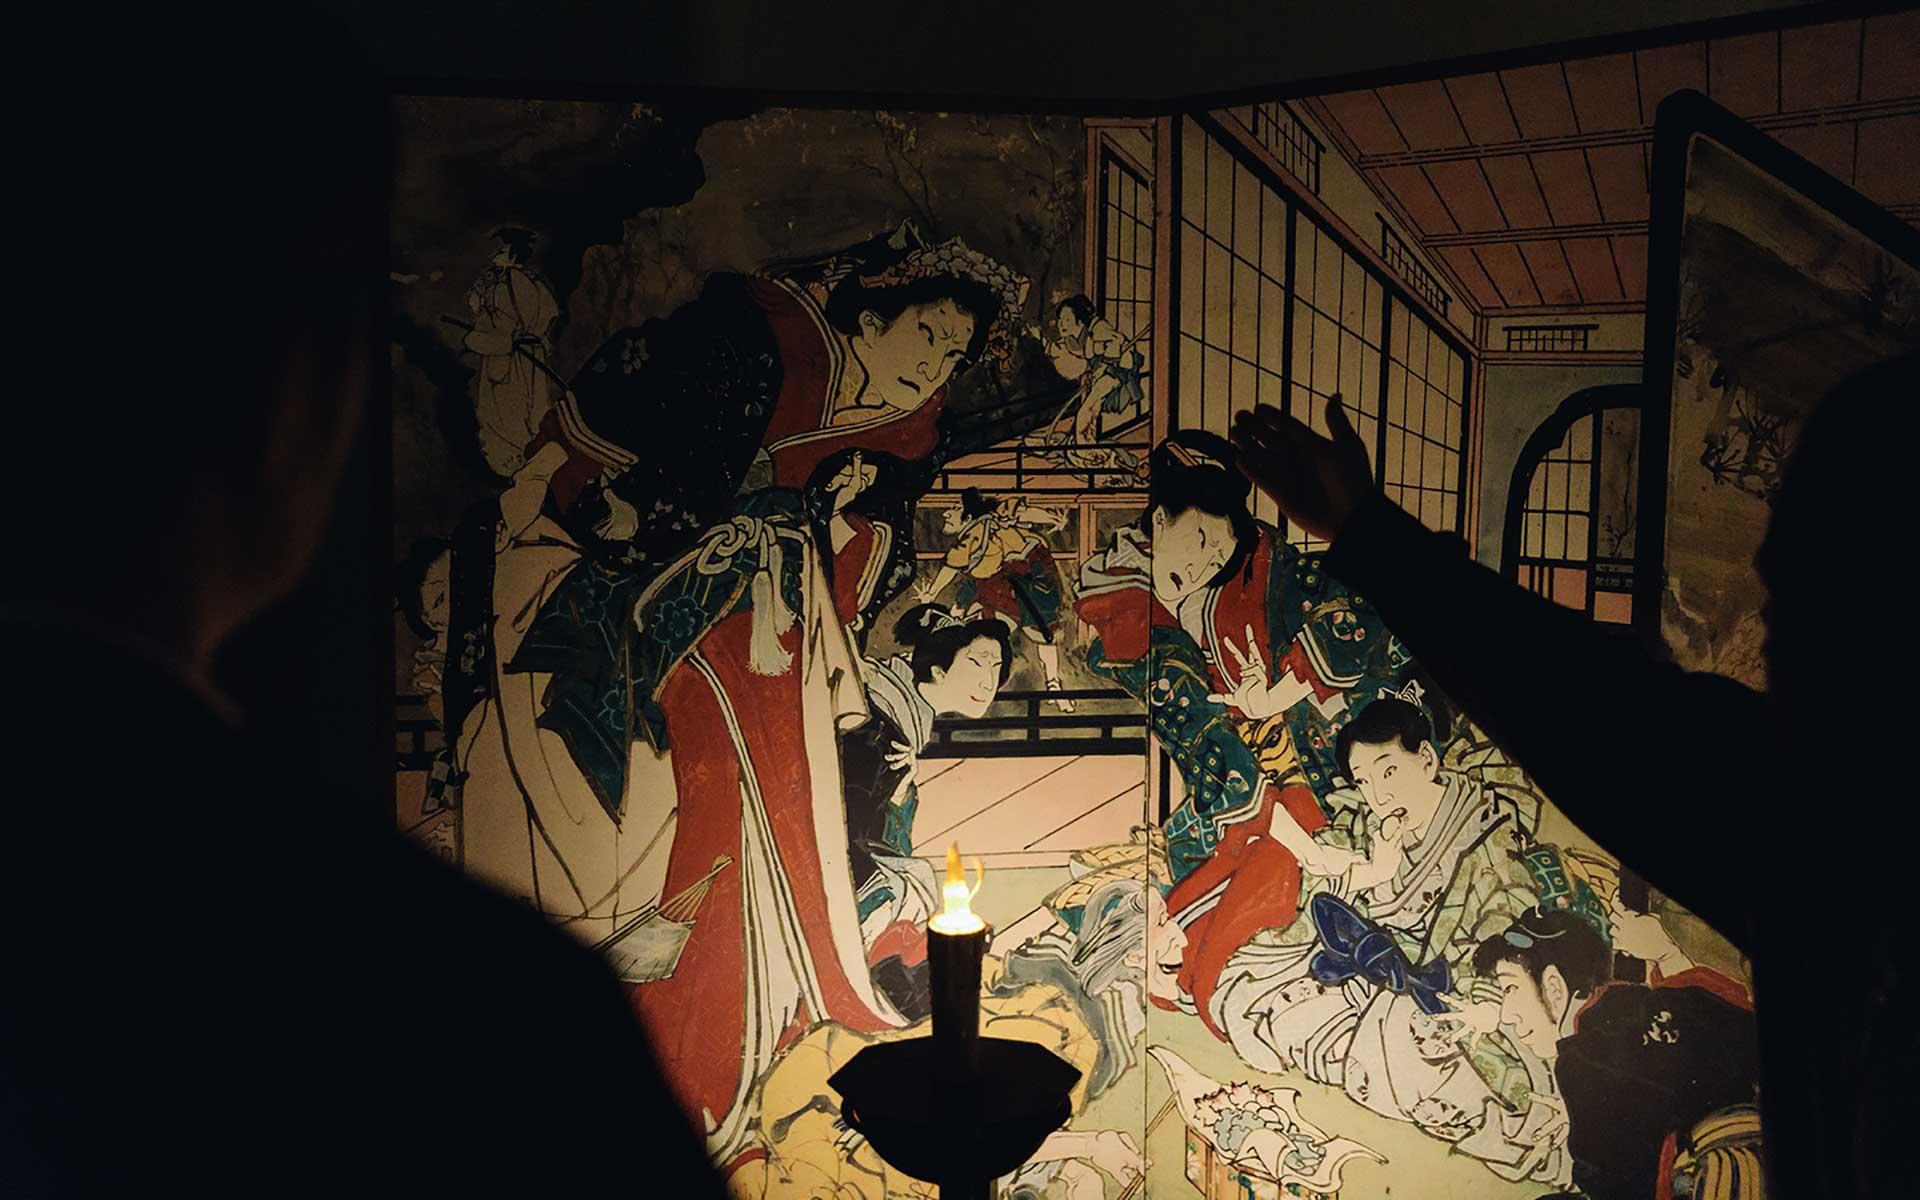 7月、謎の天才絵師「絵金」が高知の夜を彩る。